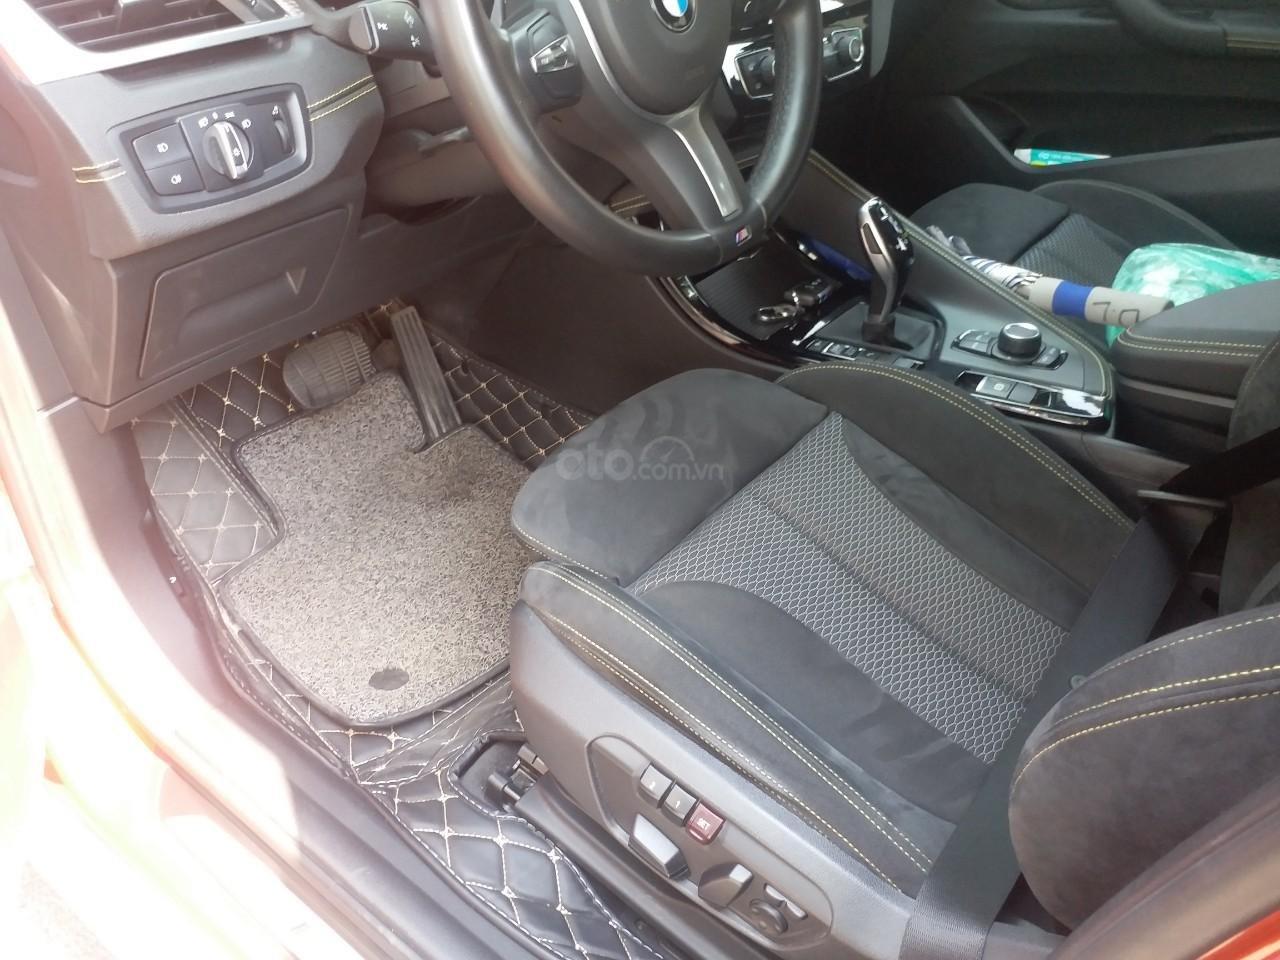 BMW X2 Sport Xdriver 20i màu nâu cam sản xuất 2018 biển Hà Nội (6)